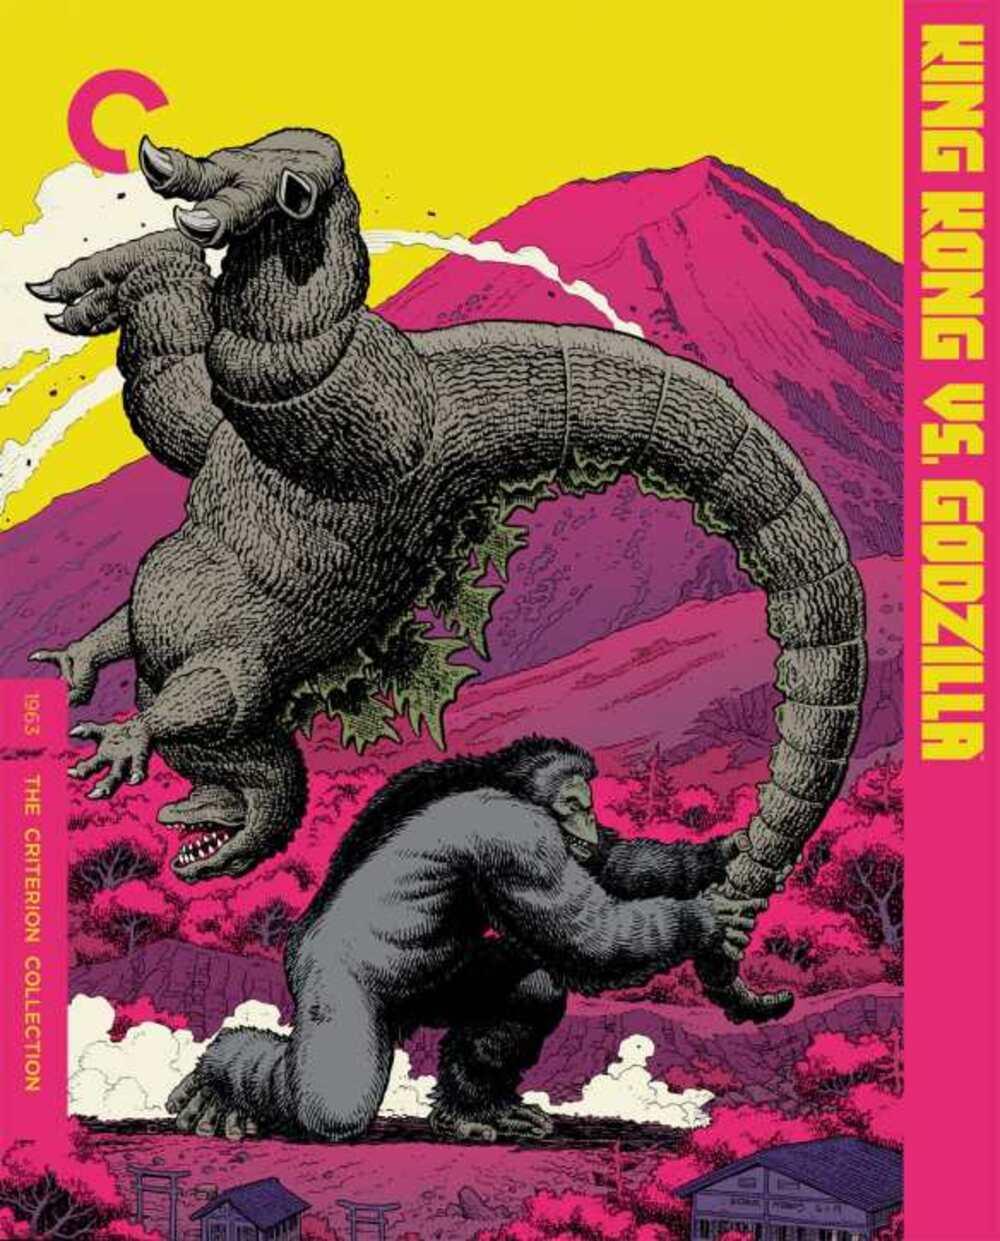 Kingu Kongu tai Gojira / King Kong versus Godzilla (1962)